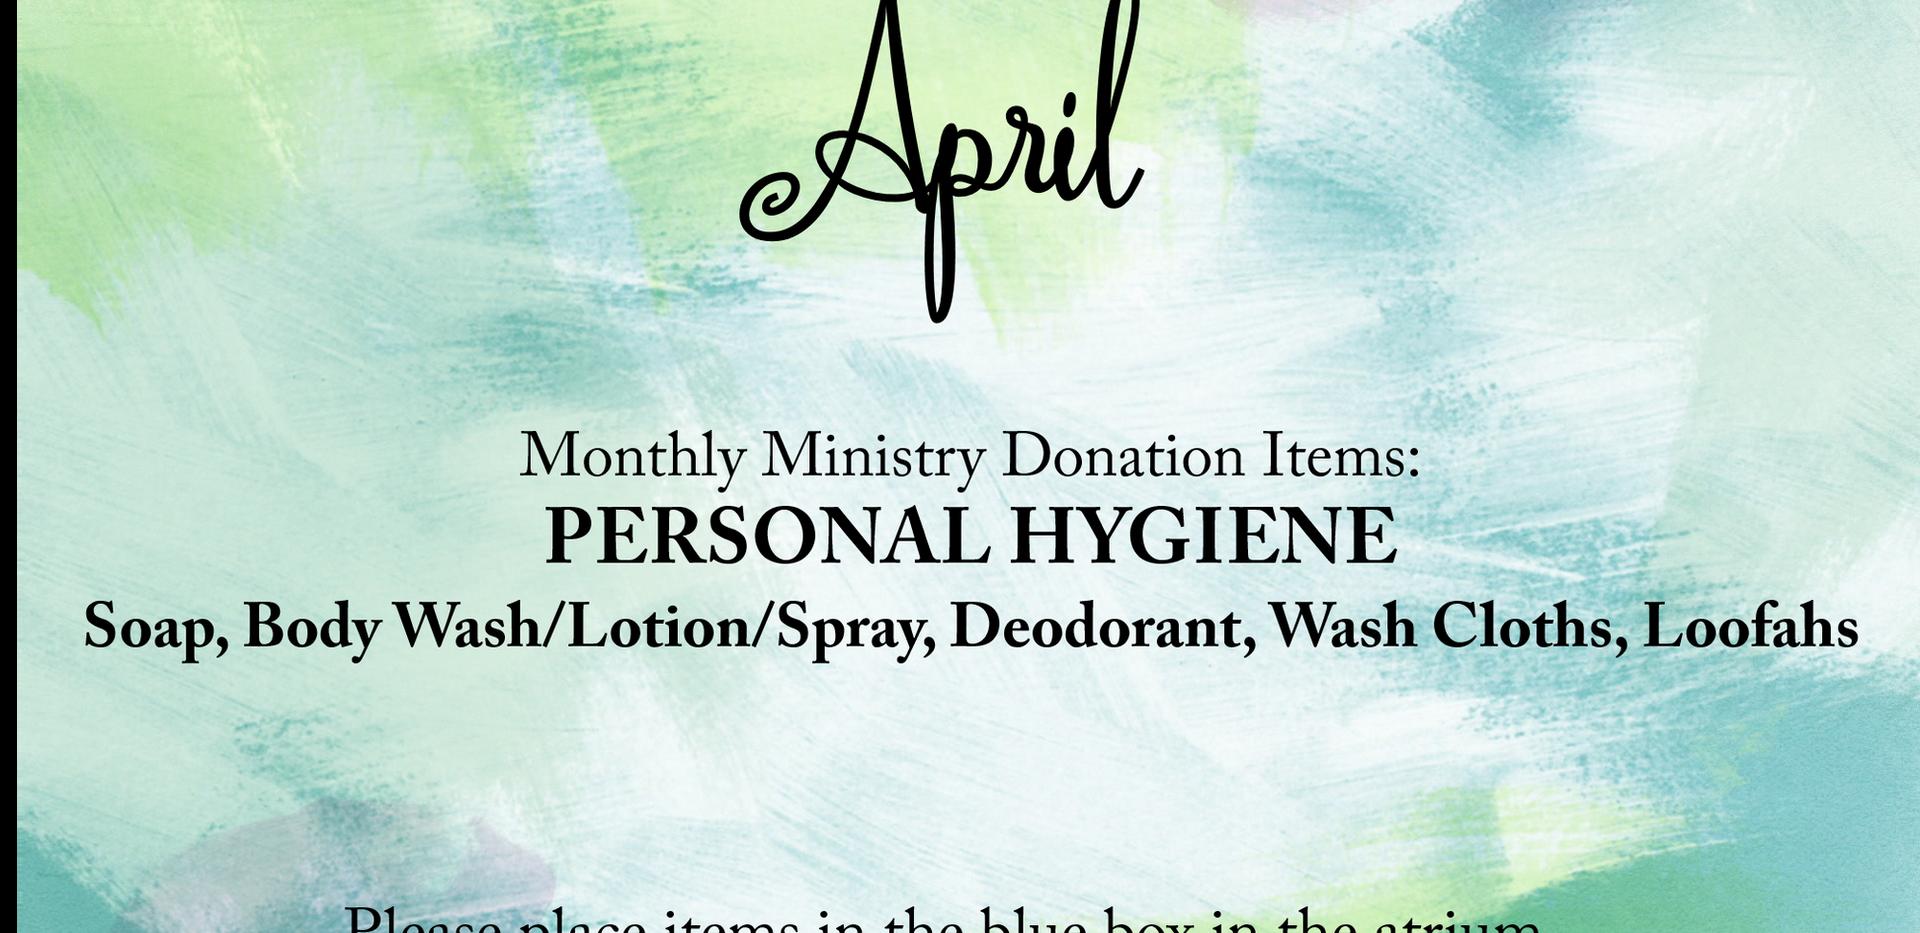 April Donations